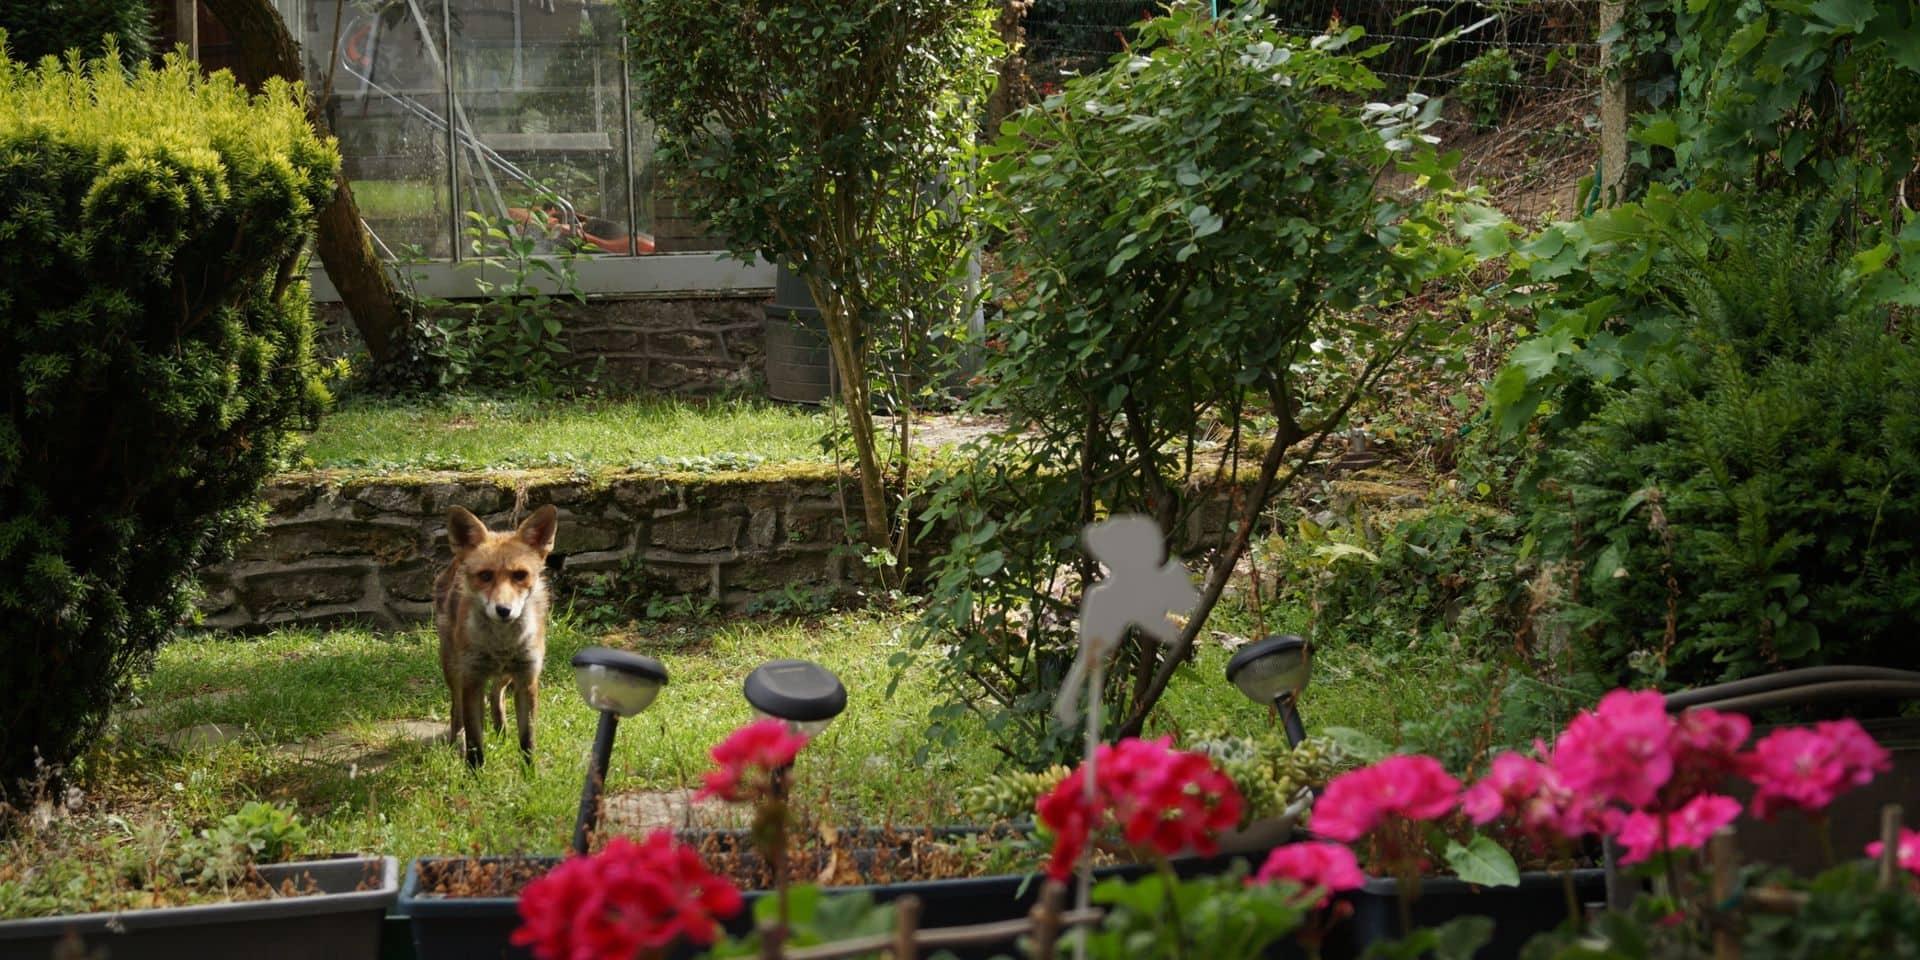 """Les renards à Bruxelles : """"C'est un fléau, ils détruisent nos jardins et font peur à nos animaux de compagnie"""""""